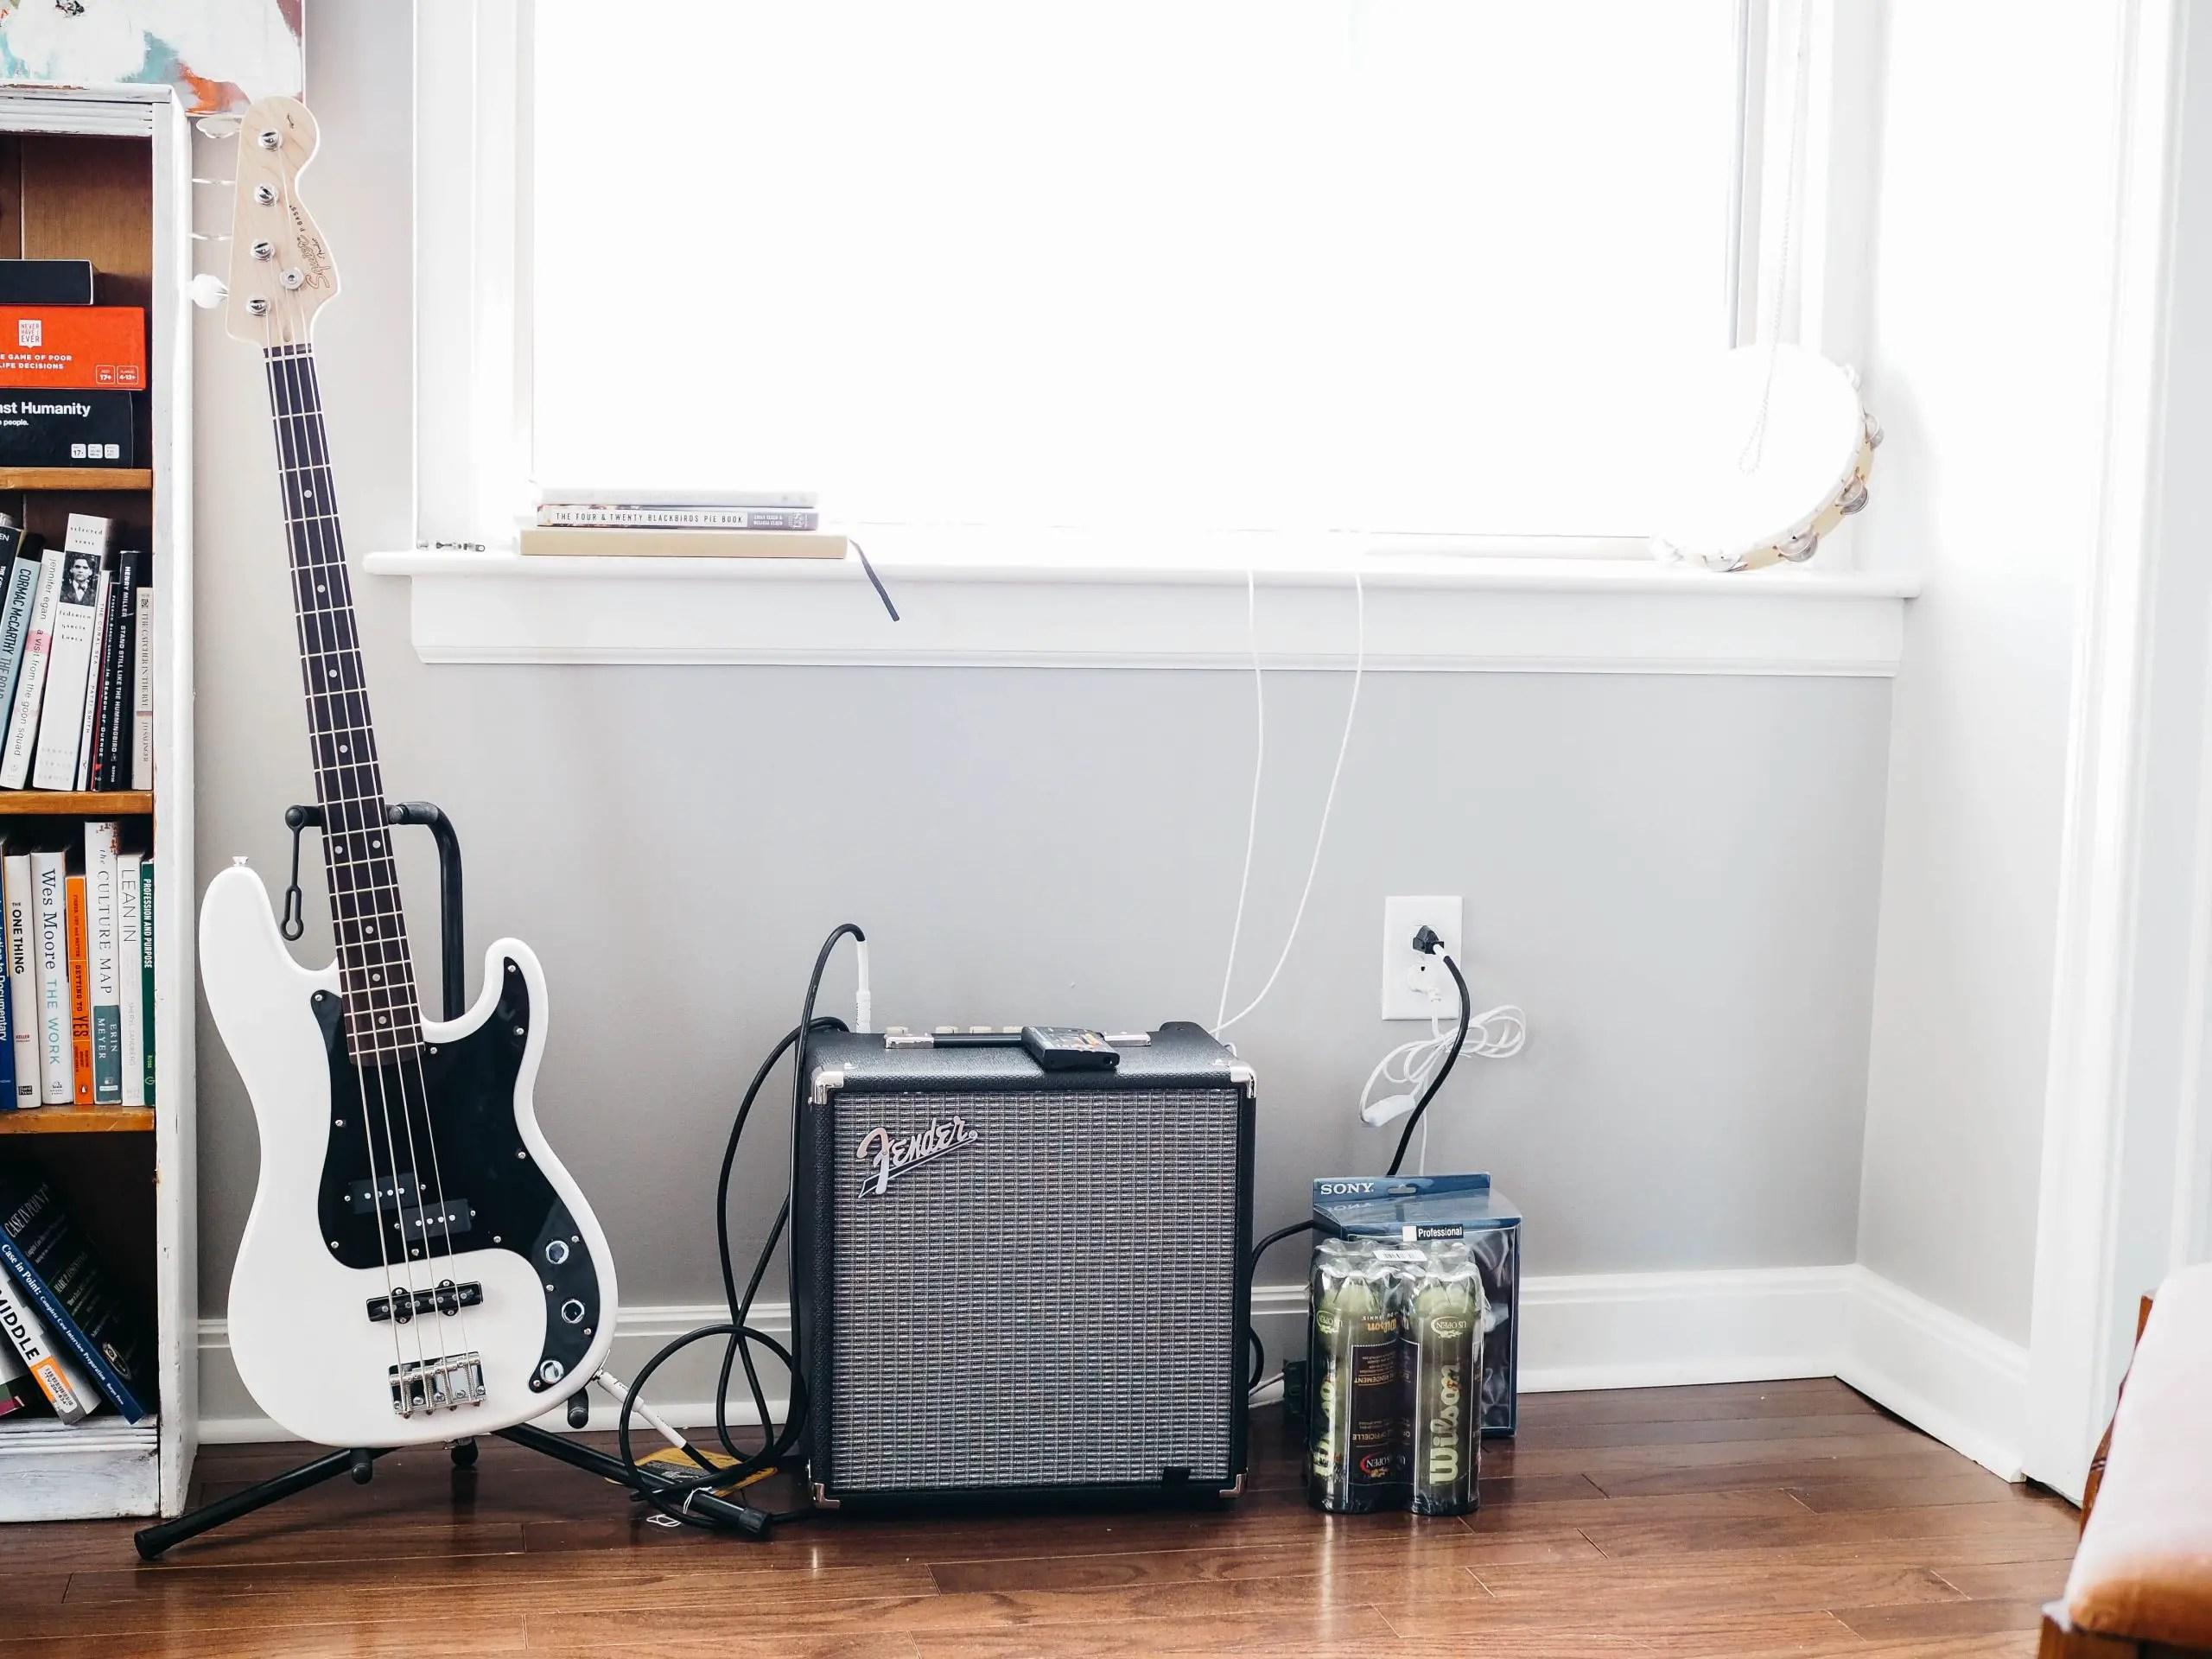 guitar by window in rental